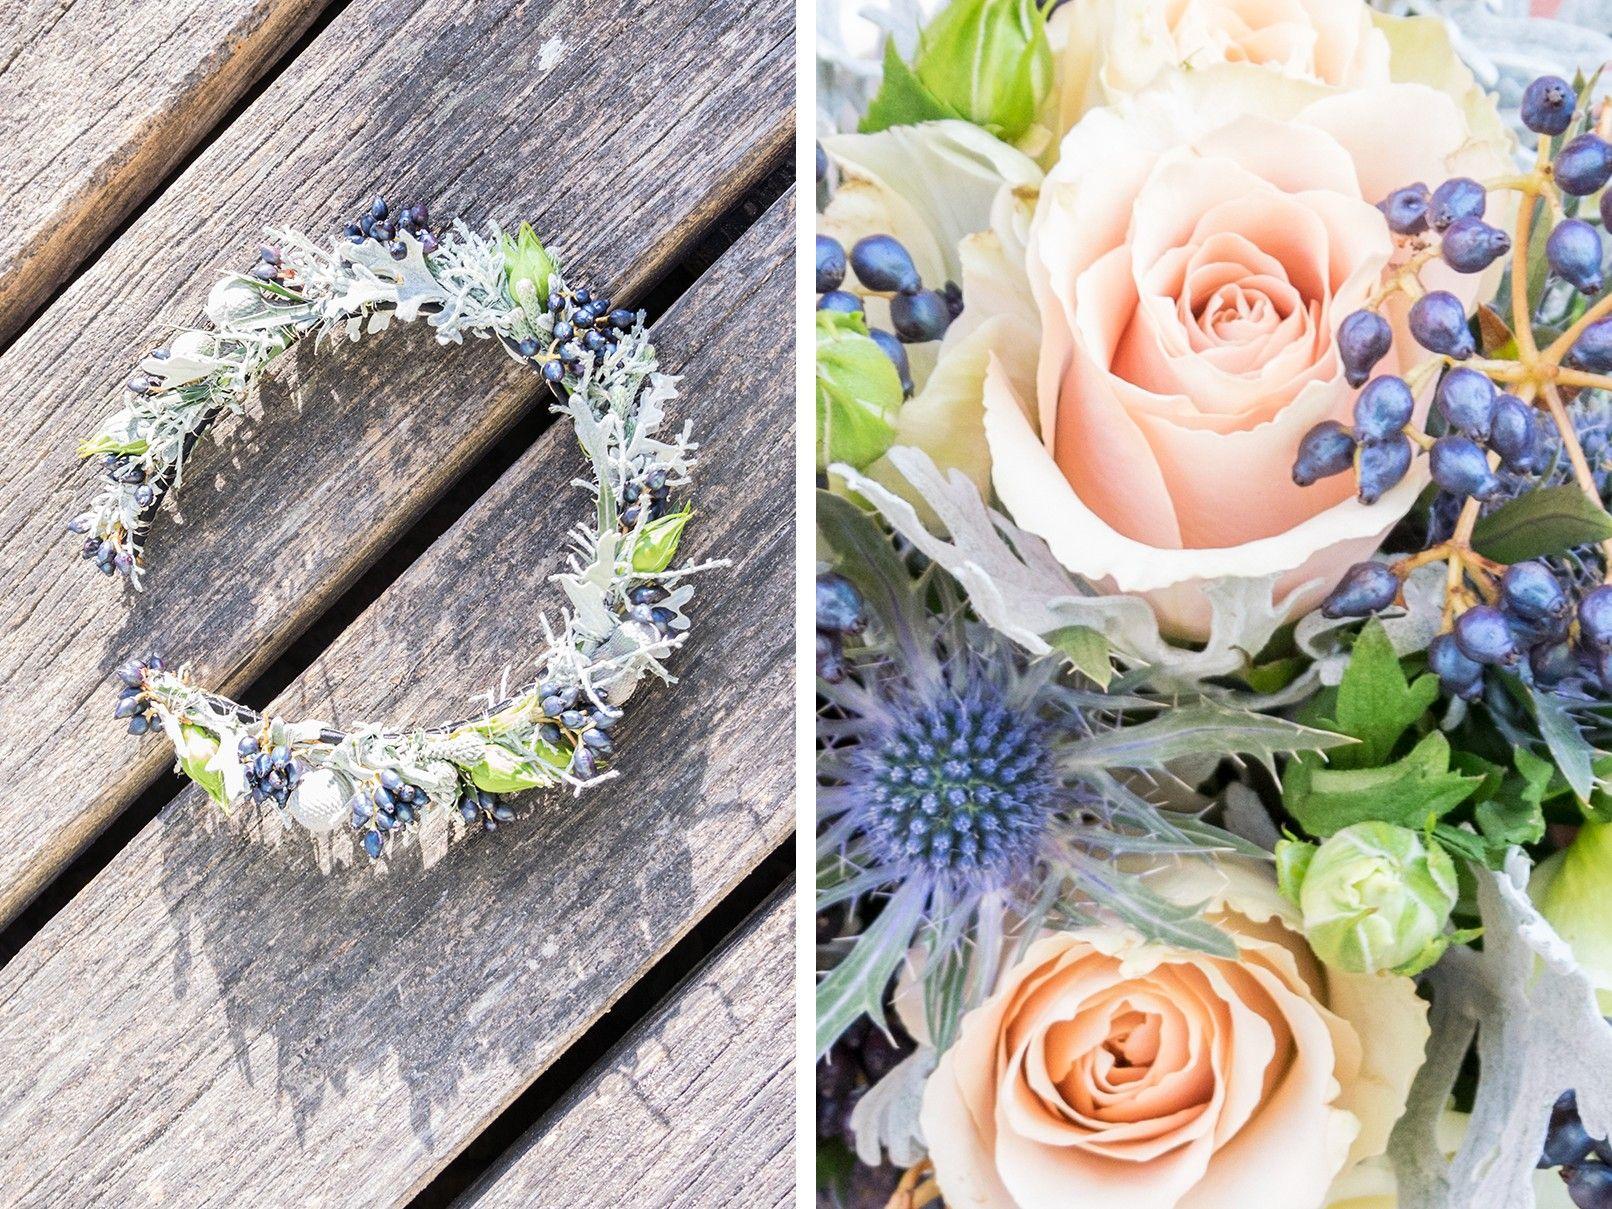 Perfekt aufeinander abgestimmt. Blumenkrone und Brautstrauß